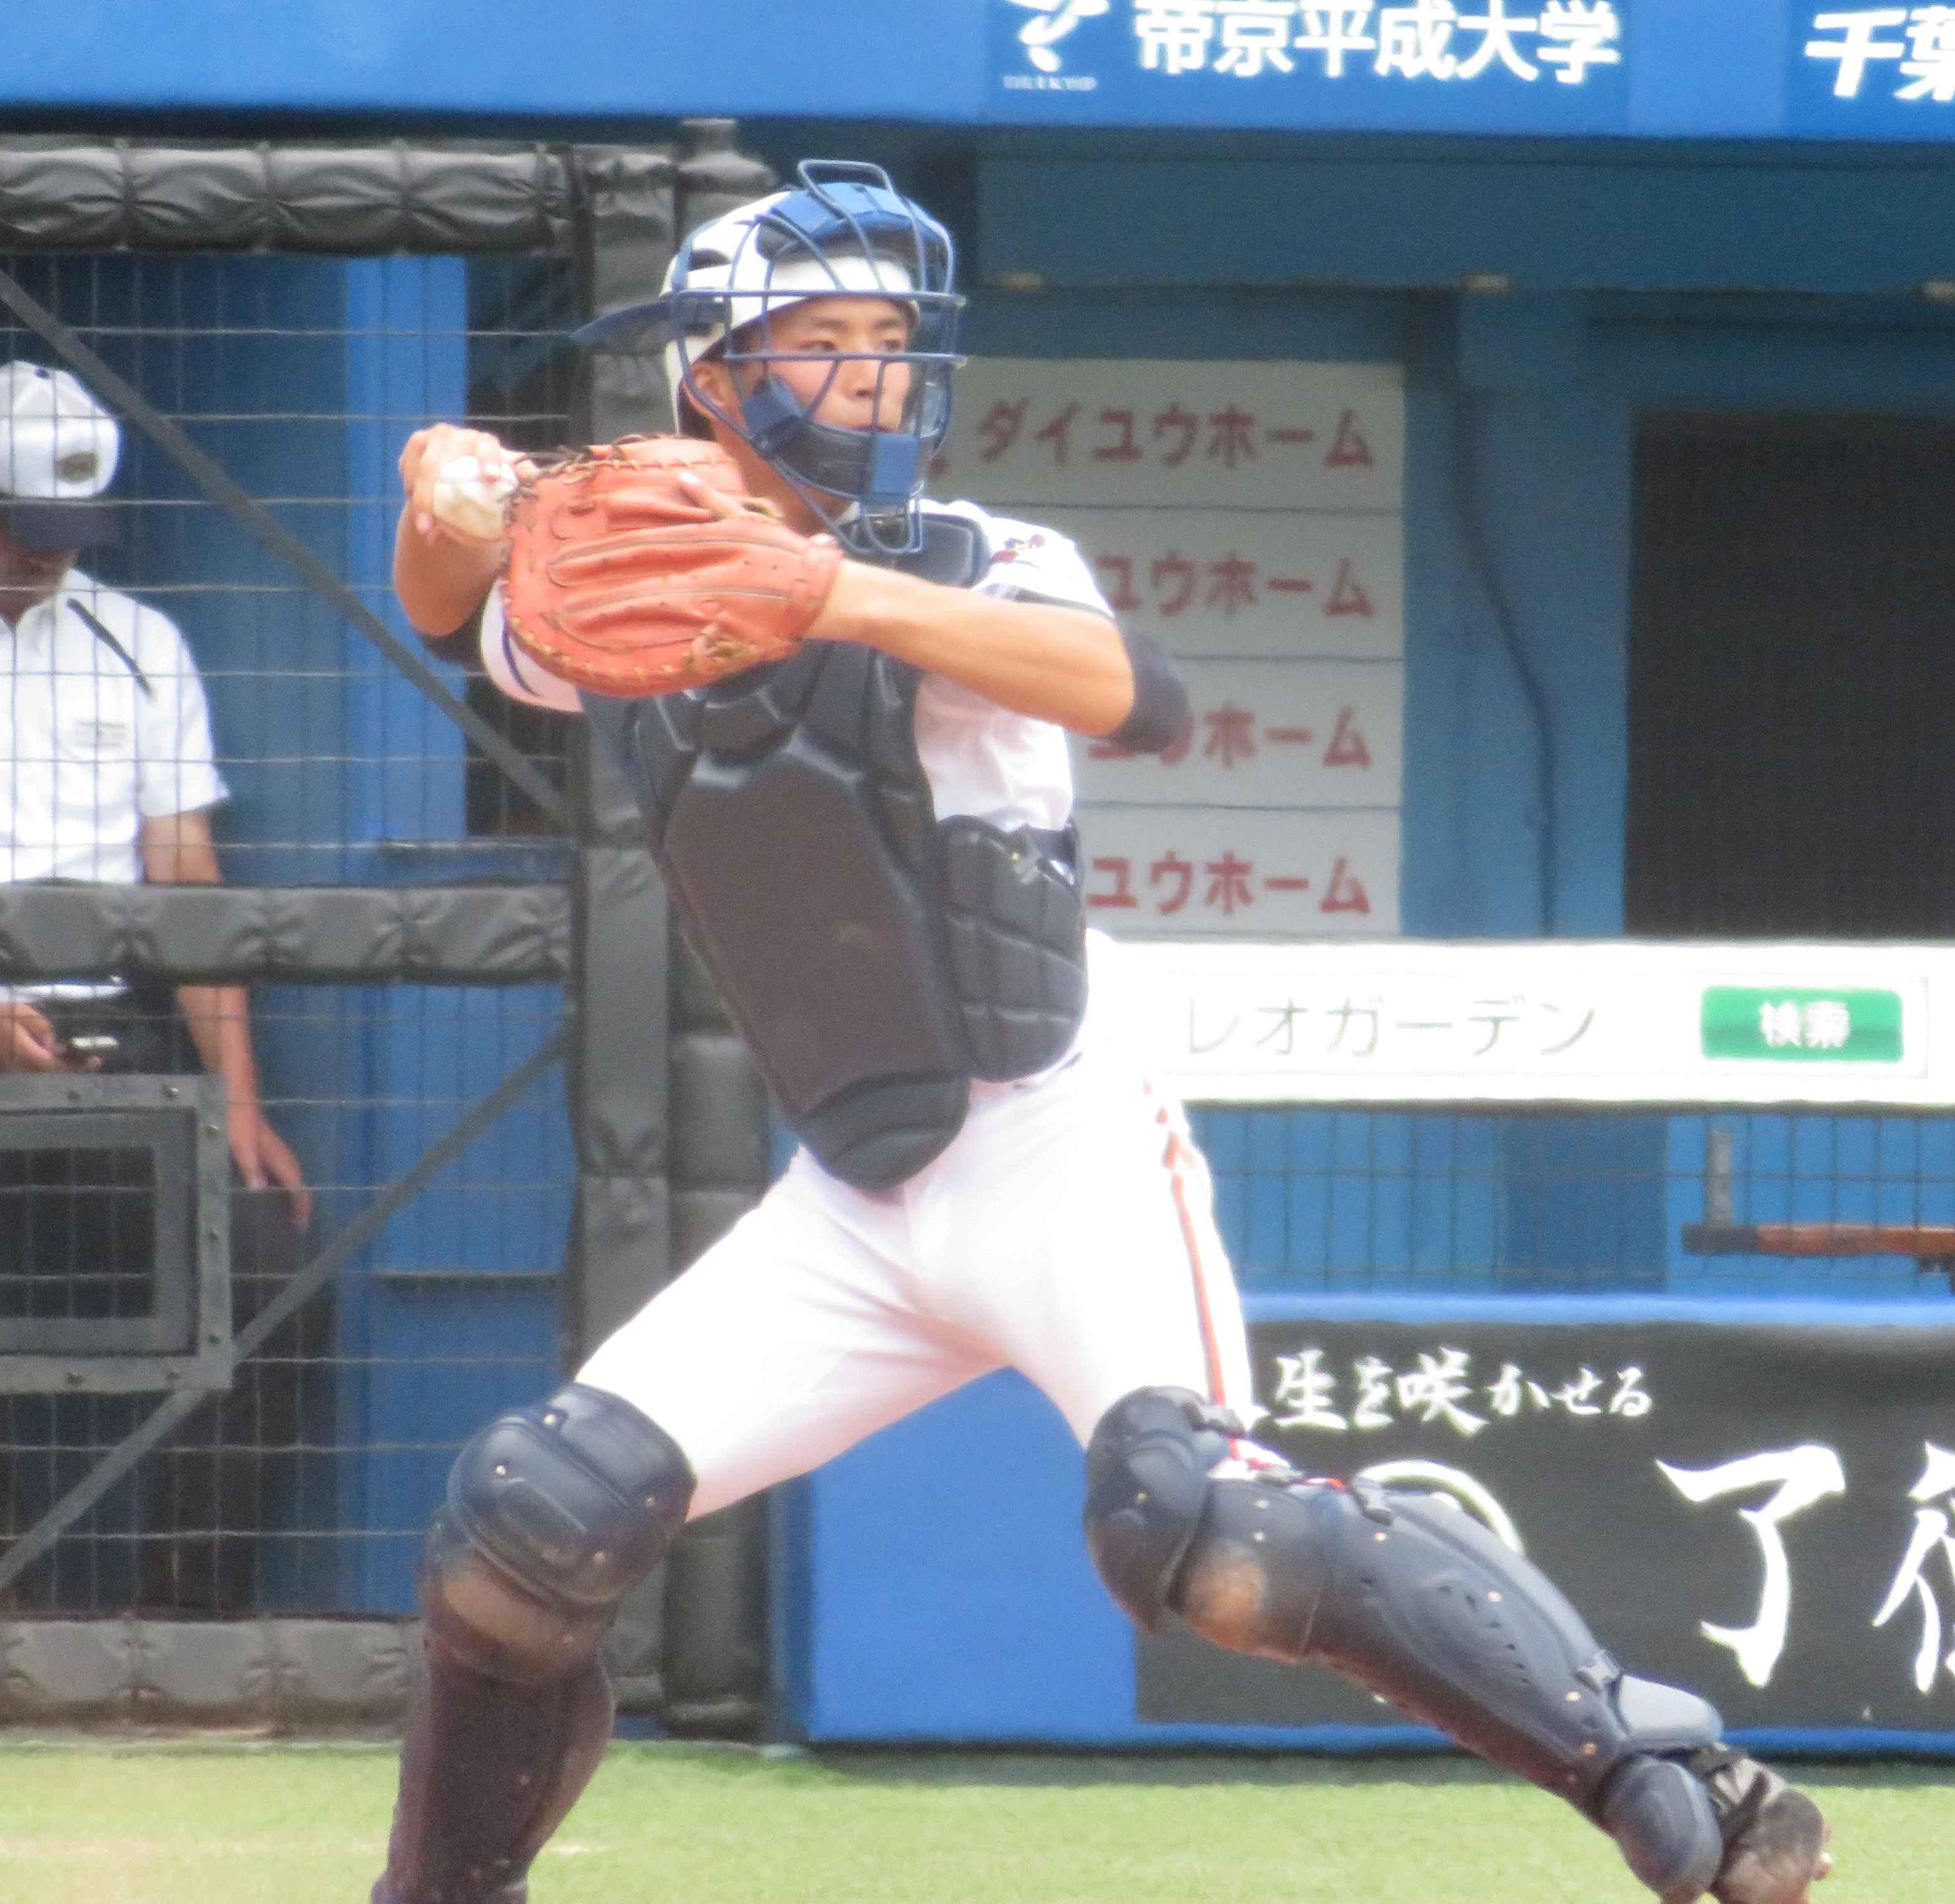 20160723木更津総合 大澤